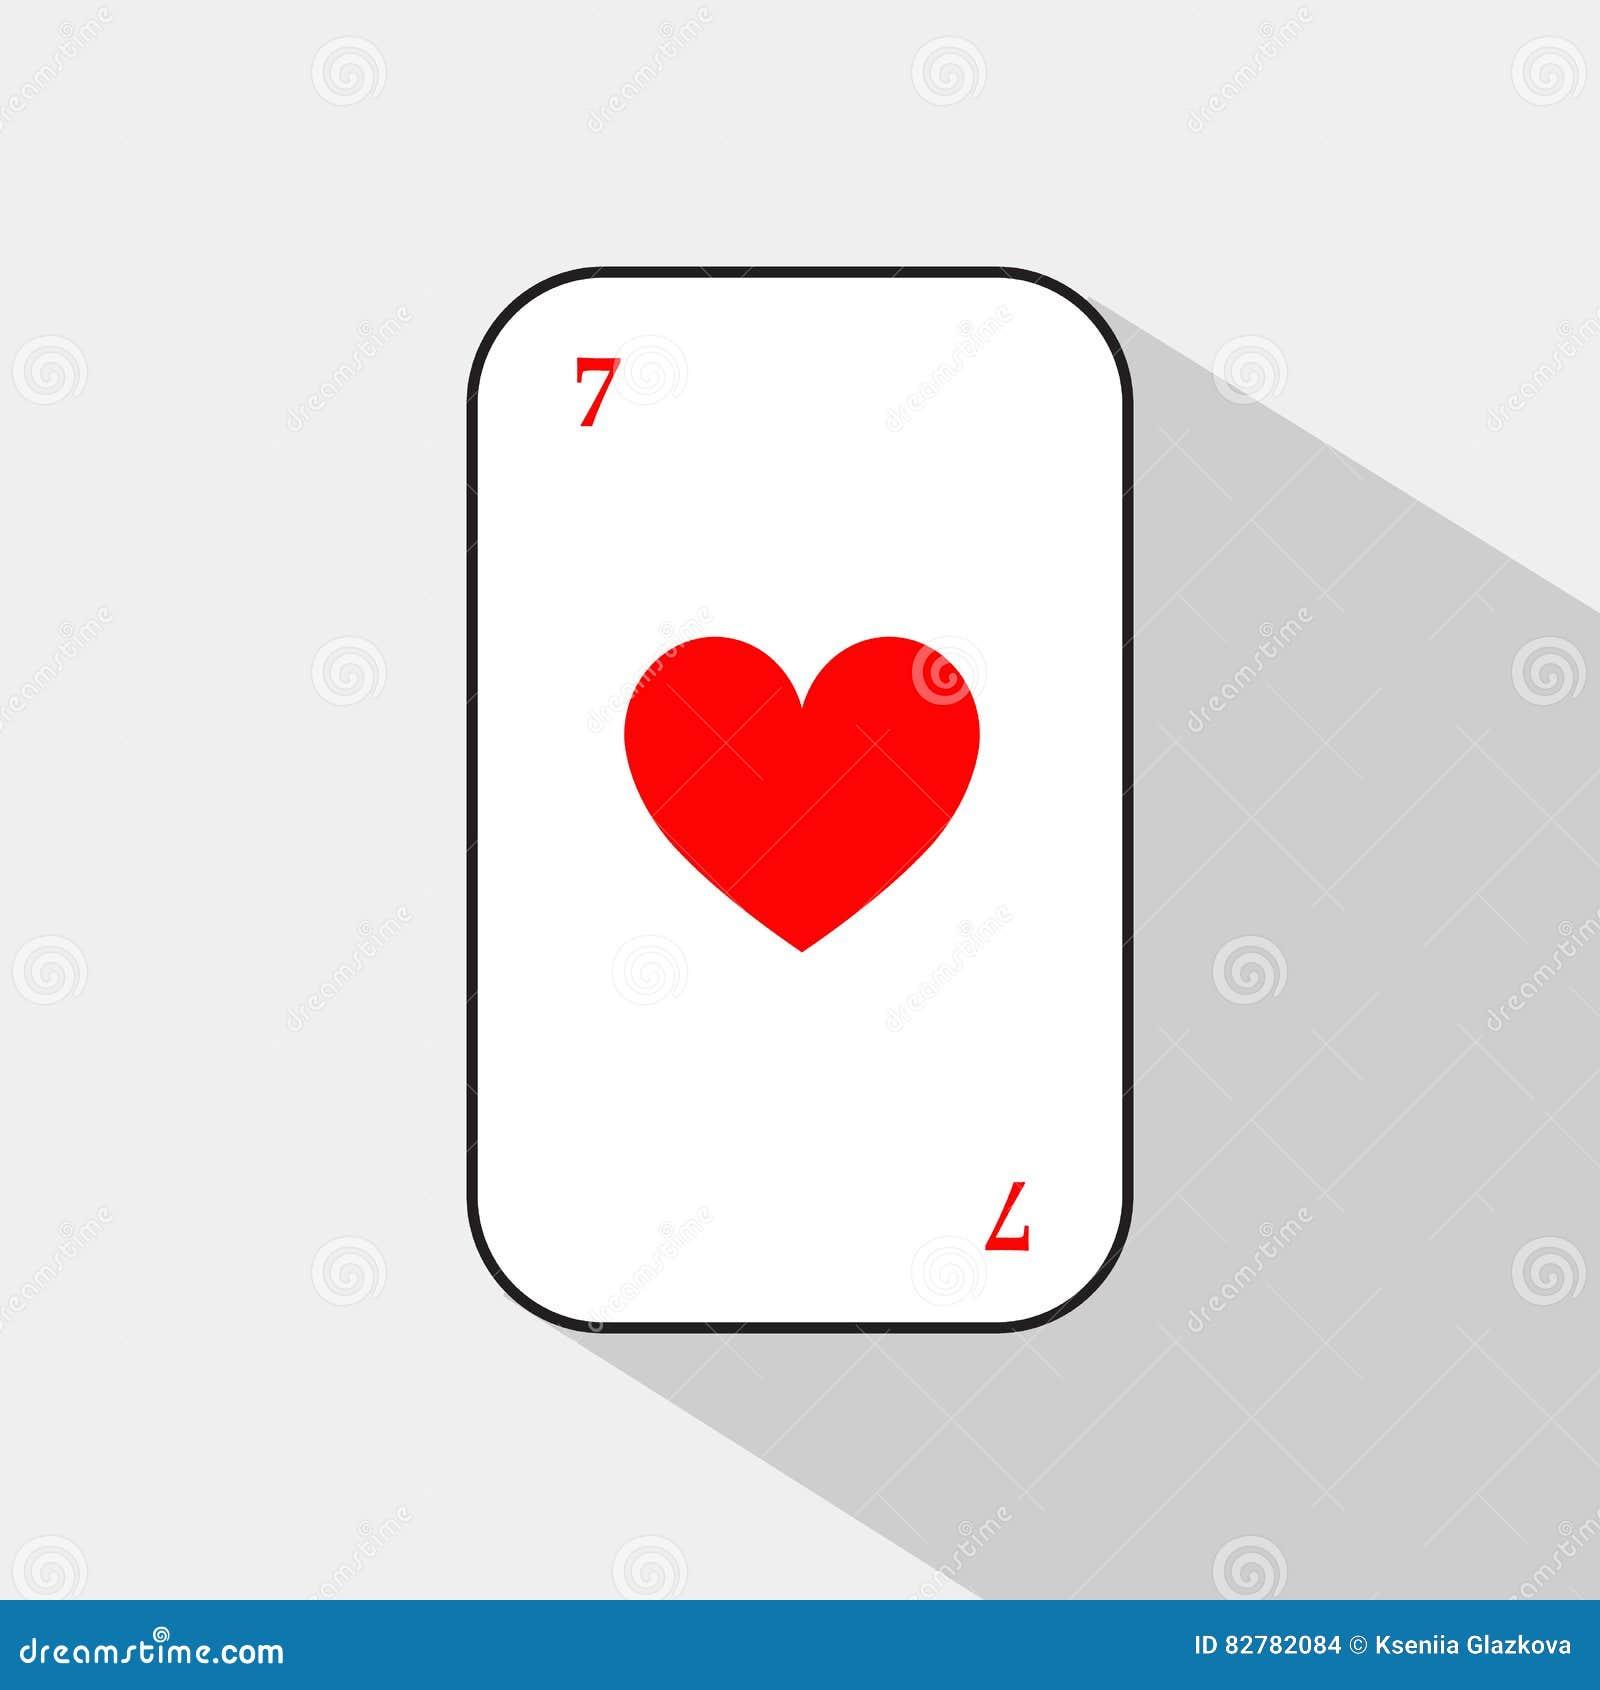 Pokerkort HJÄRTA sju vit bakgrund som lätt är skiljbar